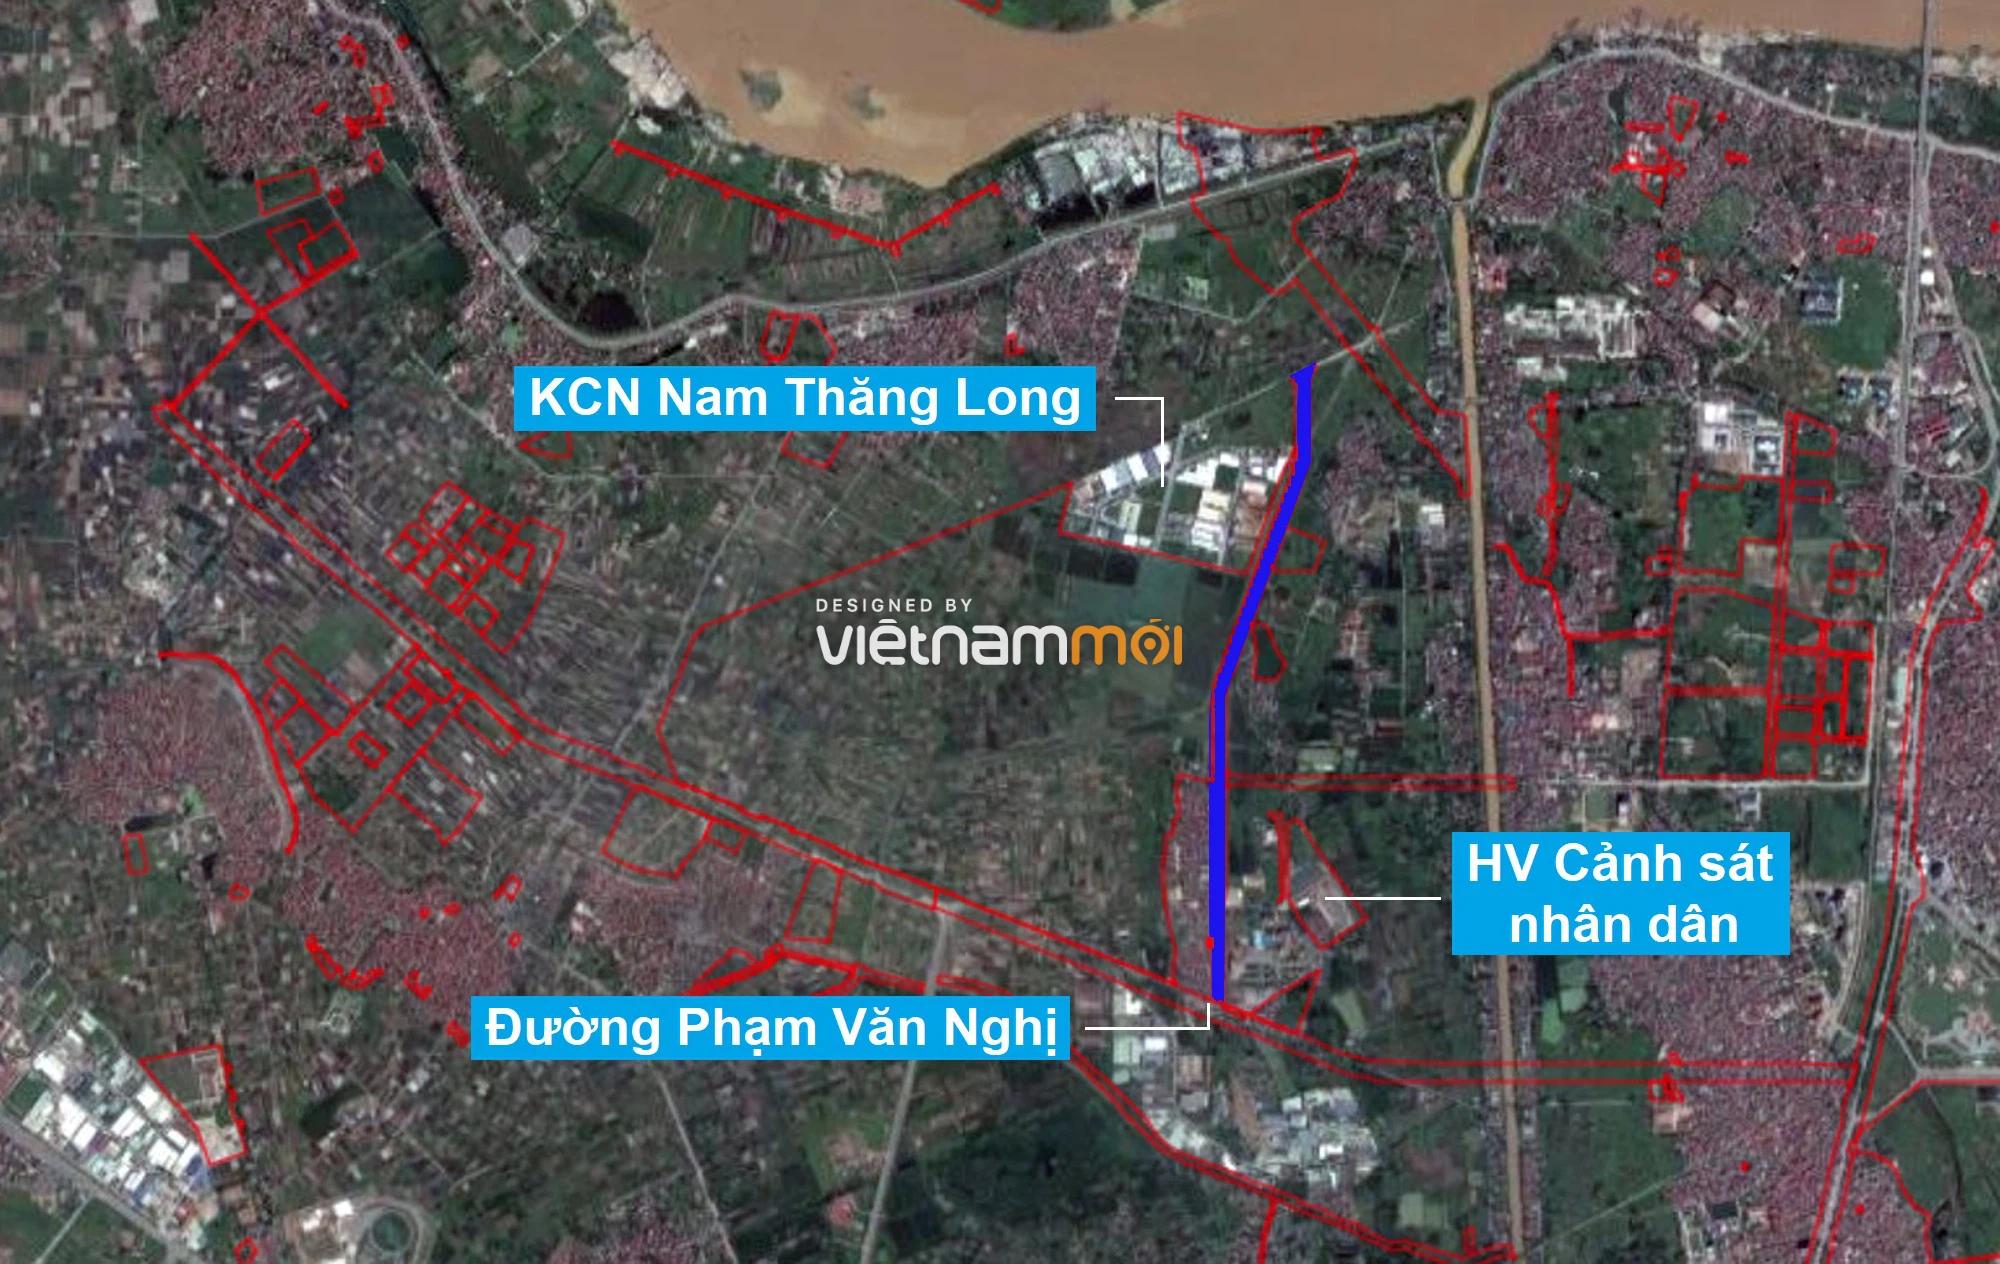 Những khu đất sắp thu hồi để mở đường ở quận Bắc Từ Liêm, Hà Nội (phần 3) - Ảnh 2.